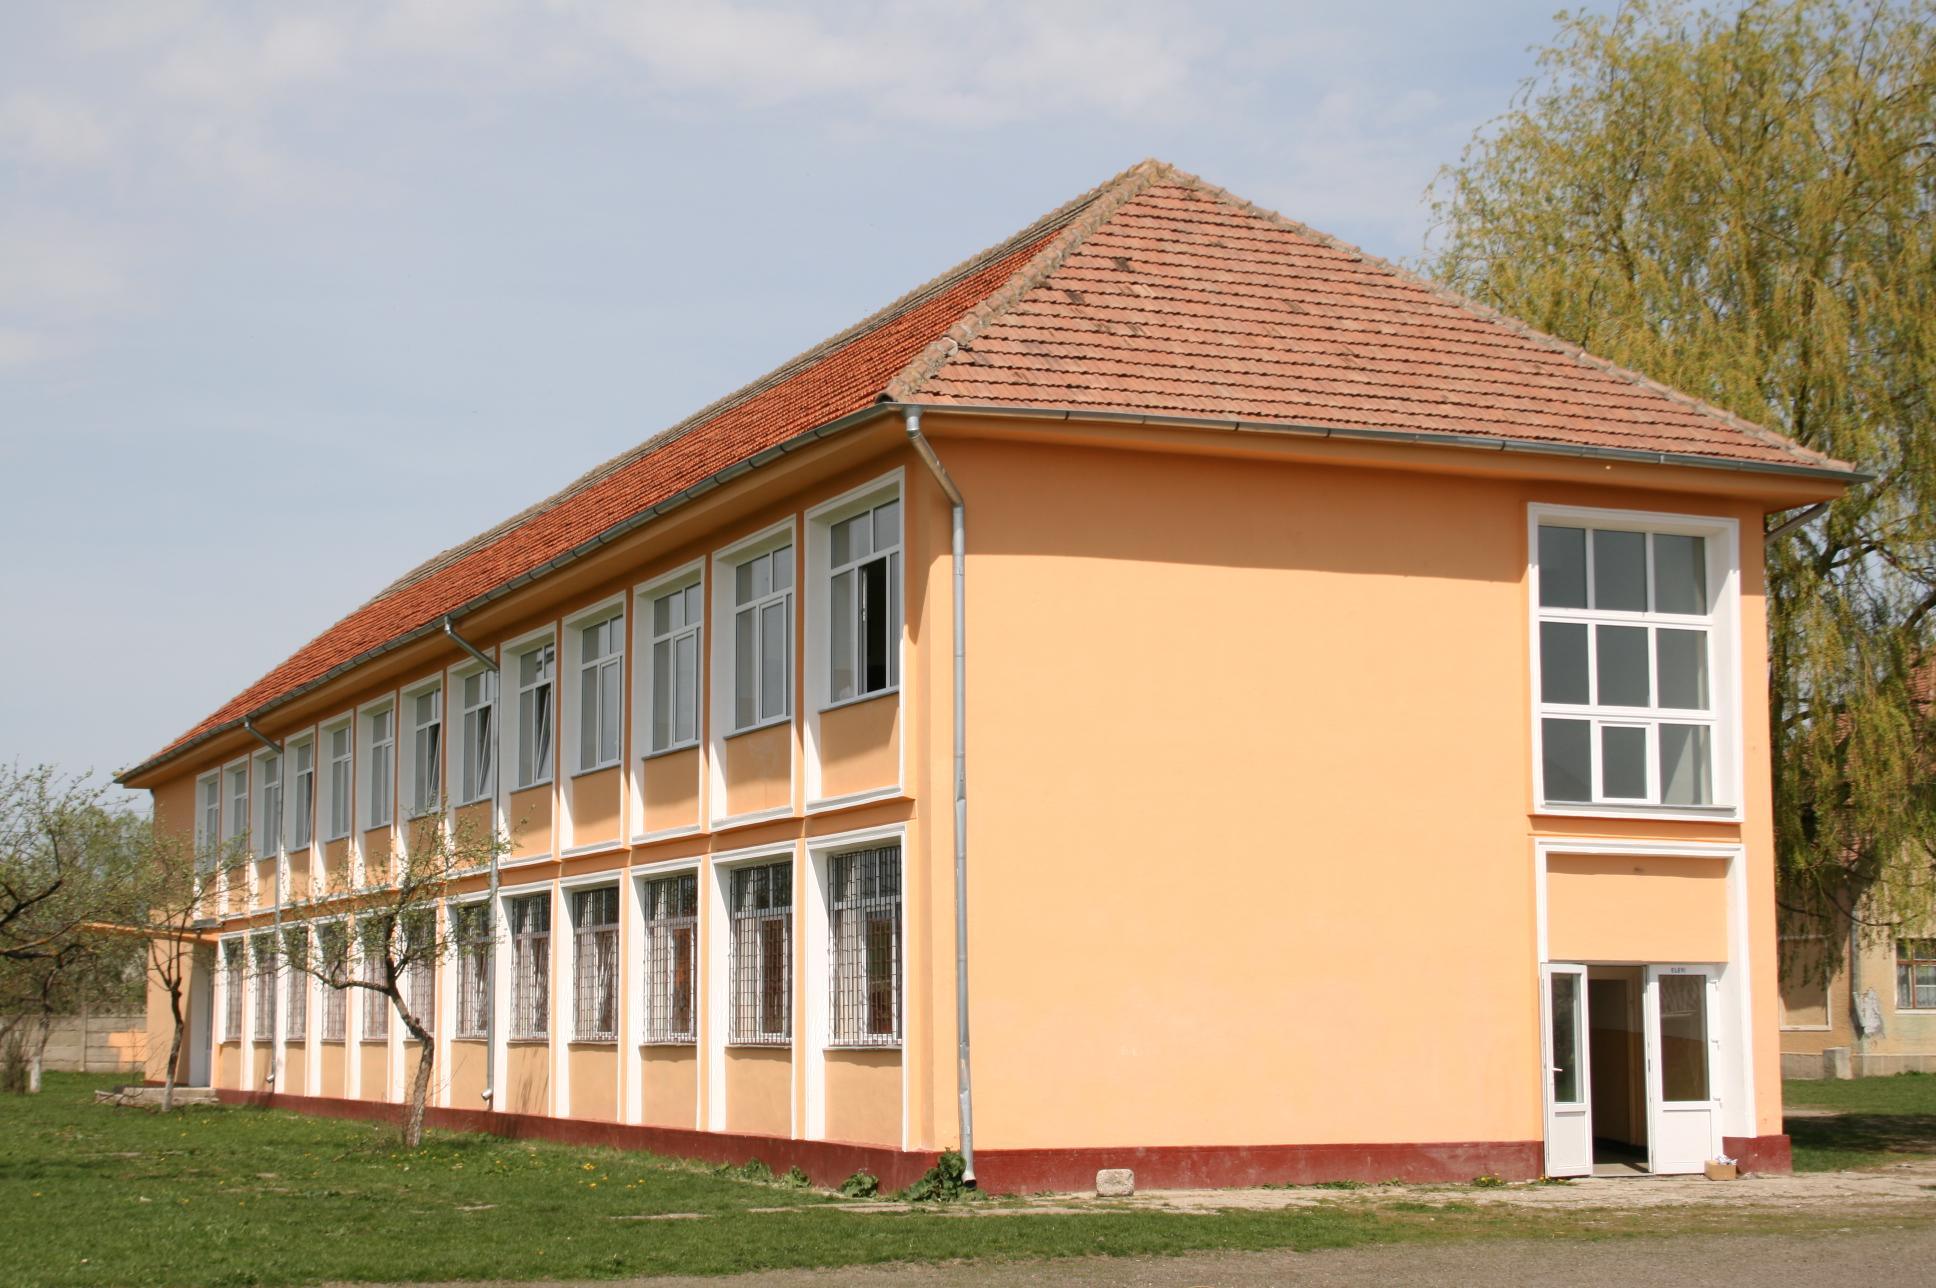 Şcoala Generală Lunca Câlnicului colnie